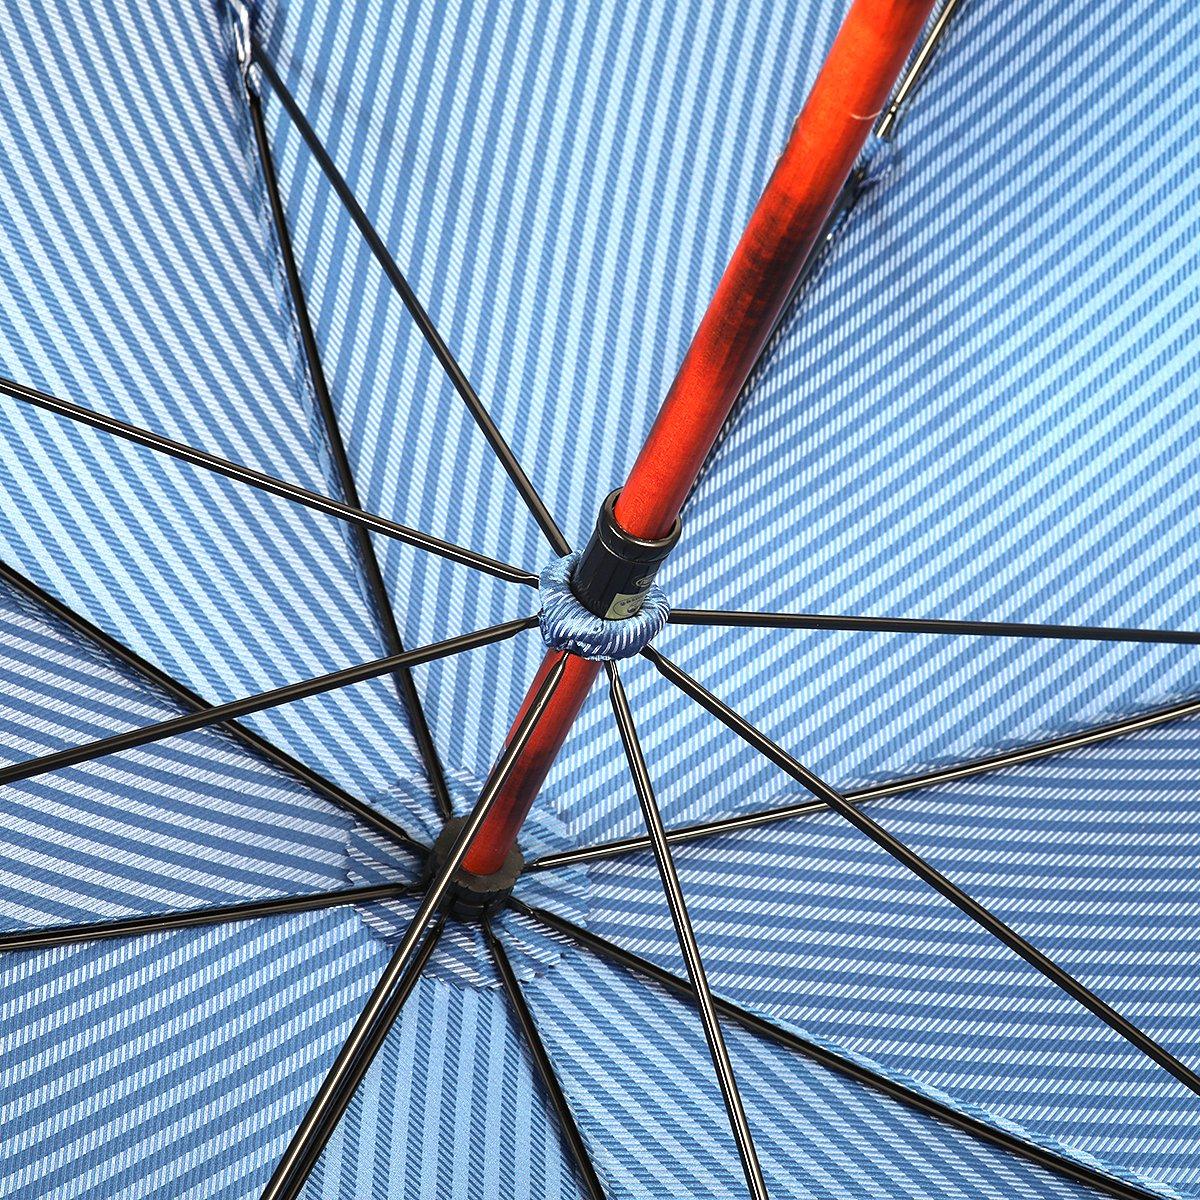 ロンドン ストライプ 一本棒 メープルソリッド 長傘 詳細画像7